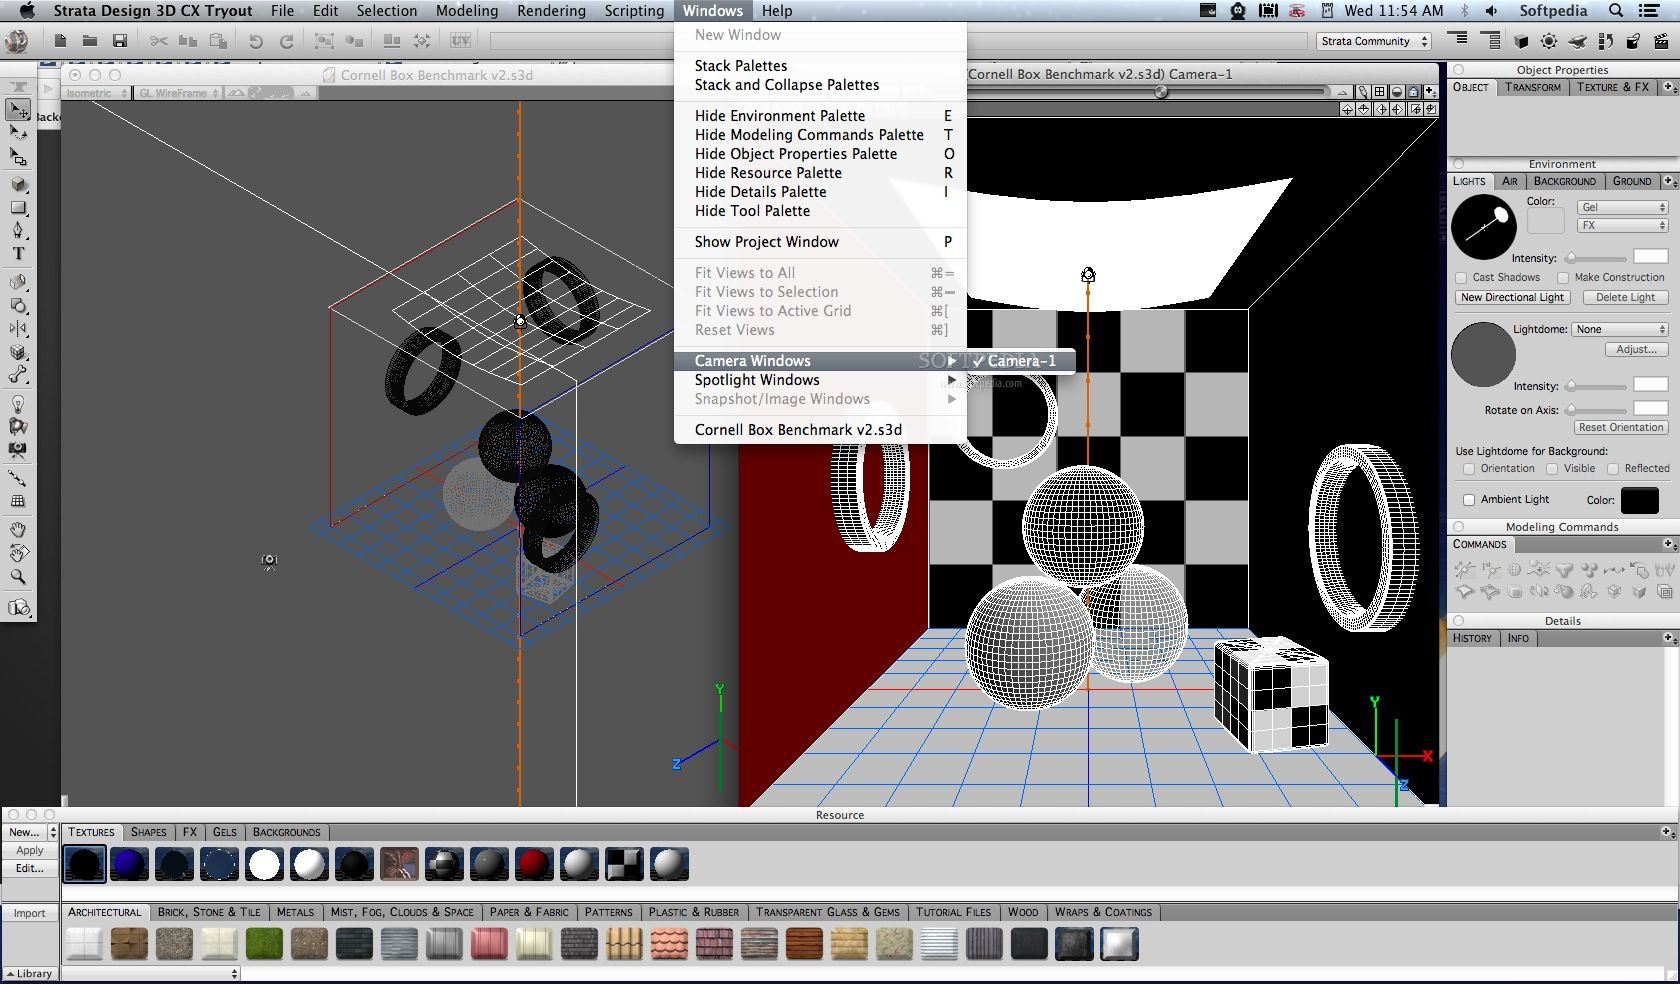 Strata 3d Cx V.5.5.1 For Mac